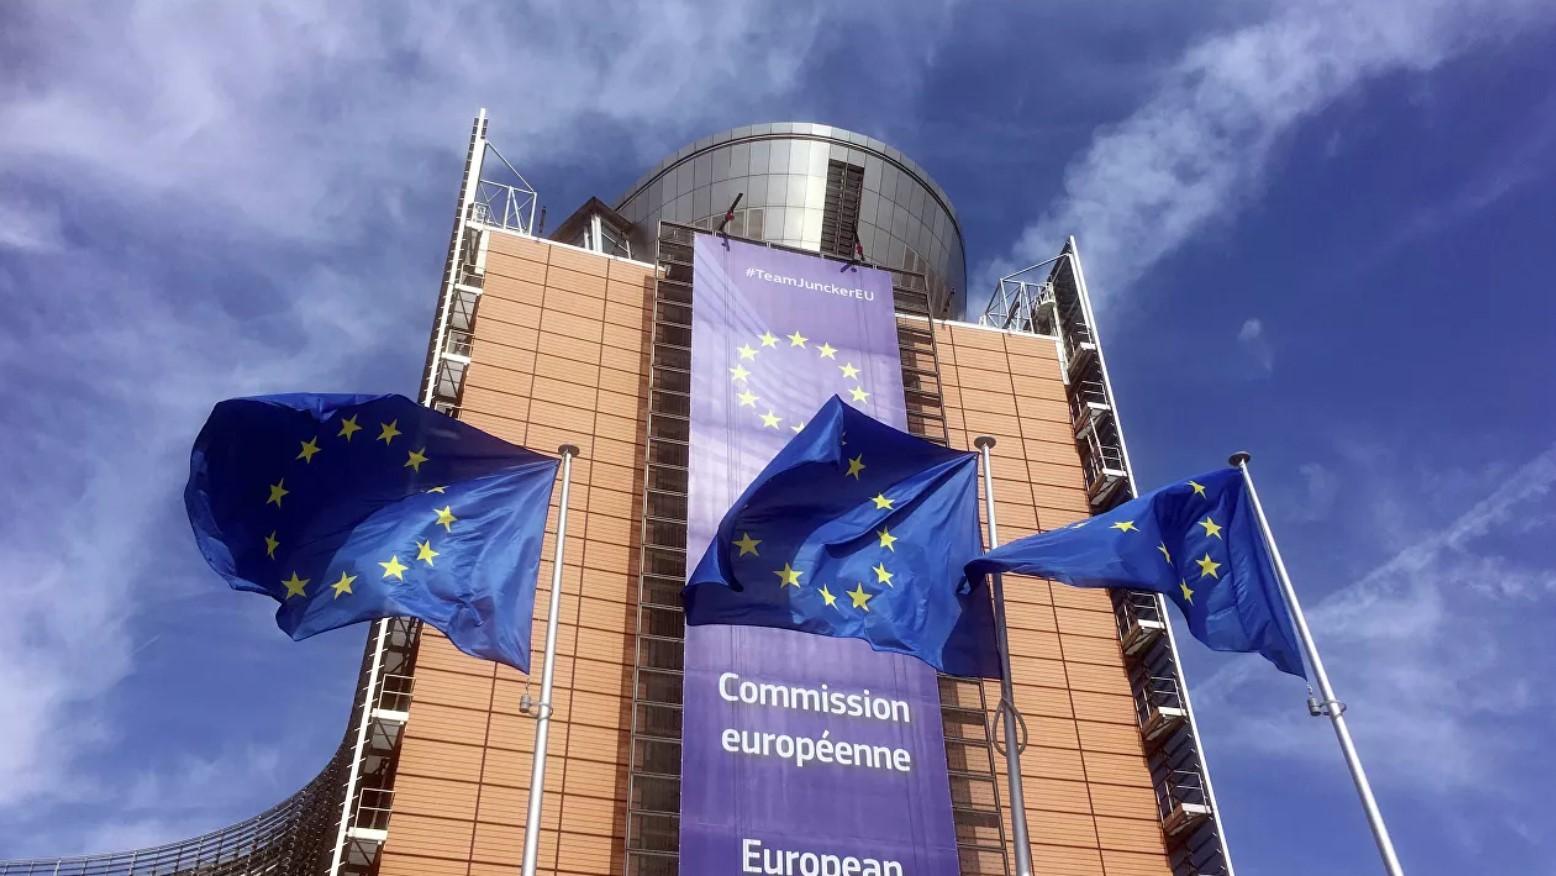 ЕС продлил санкции против РФ из-за аннексии Крыма